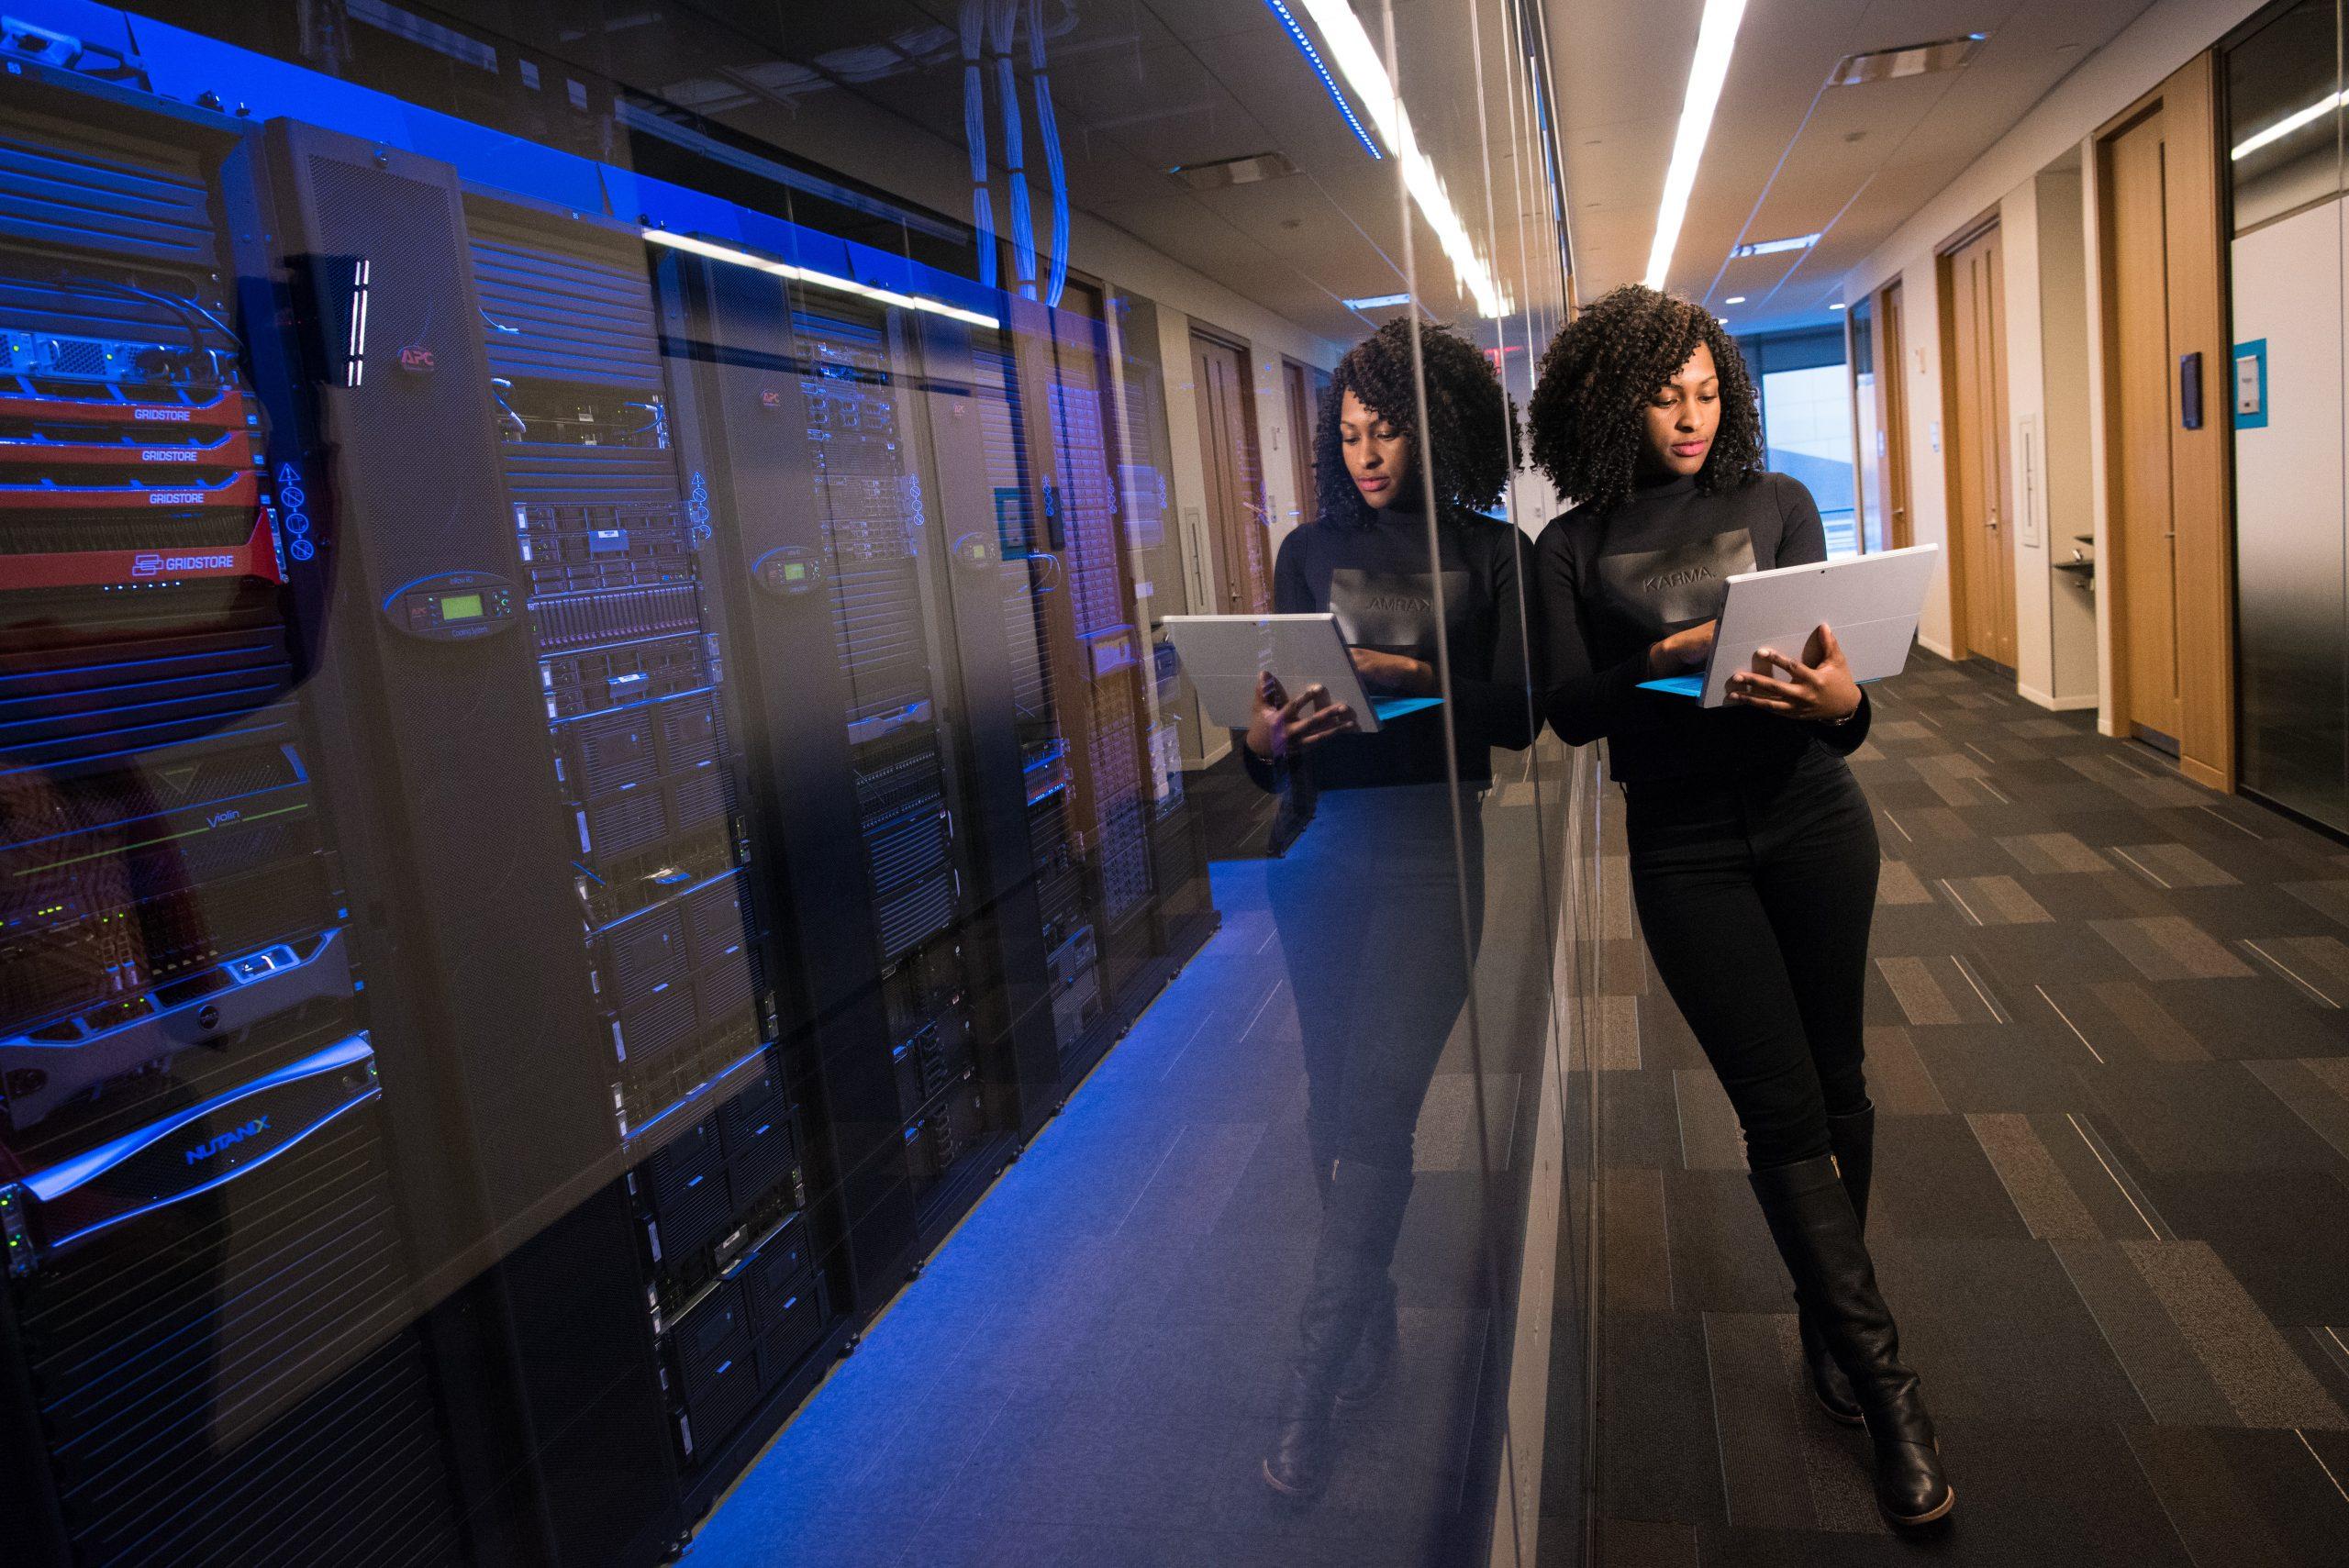 Data center, serveurs, données. Crédit photo: Pexels/Christina Morillo.